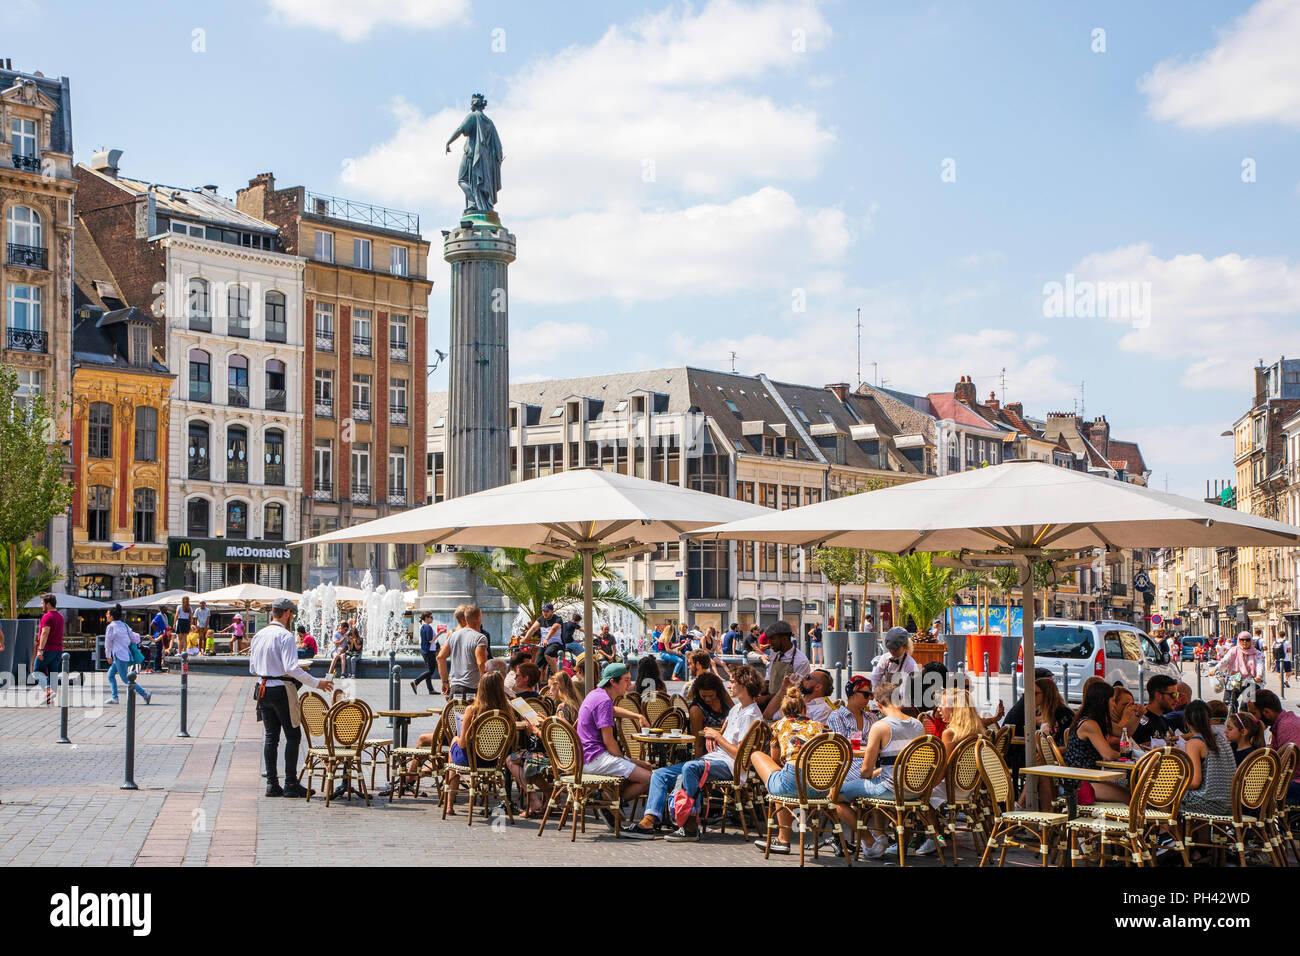 Place du General de Gaulle, die mit der Spalte der Göttin, Lille, Frankreich. Die Spalte, bekannt als La Colonne de la Deese ist ein Denkmal für die local heroes Stockbild